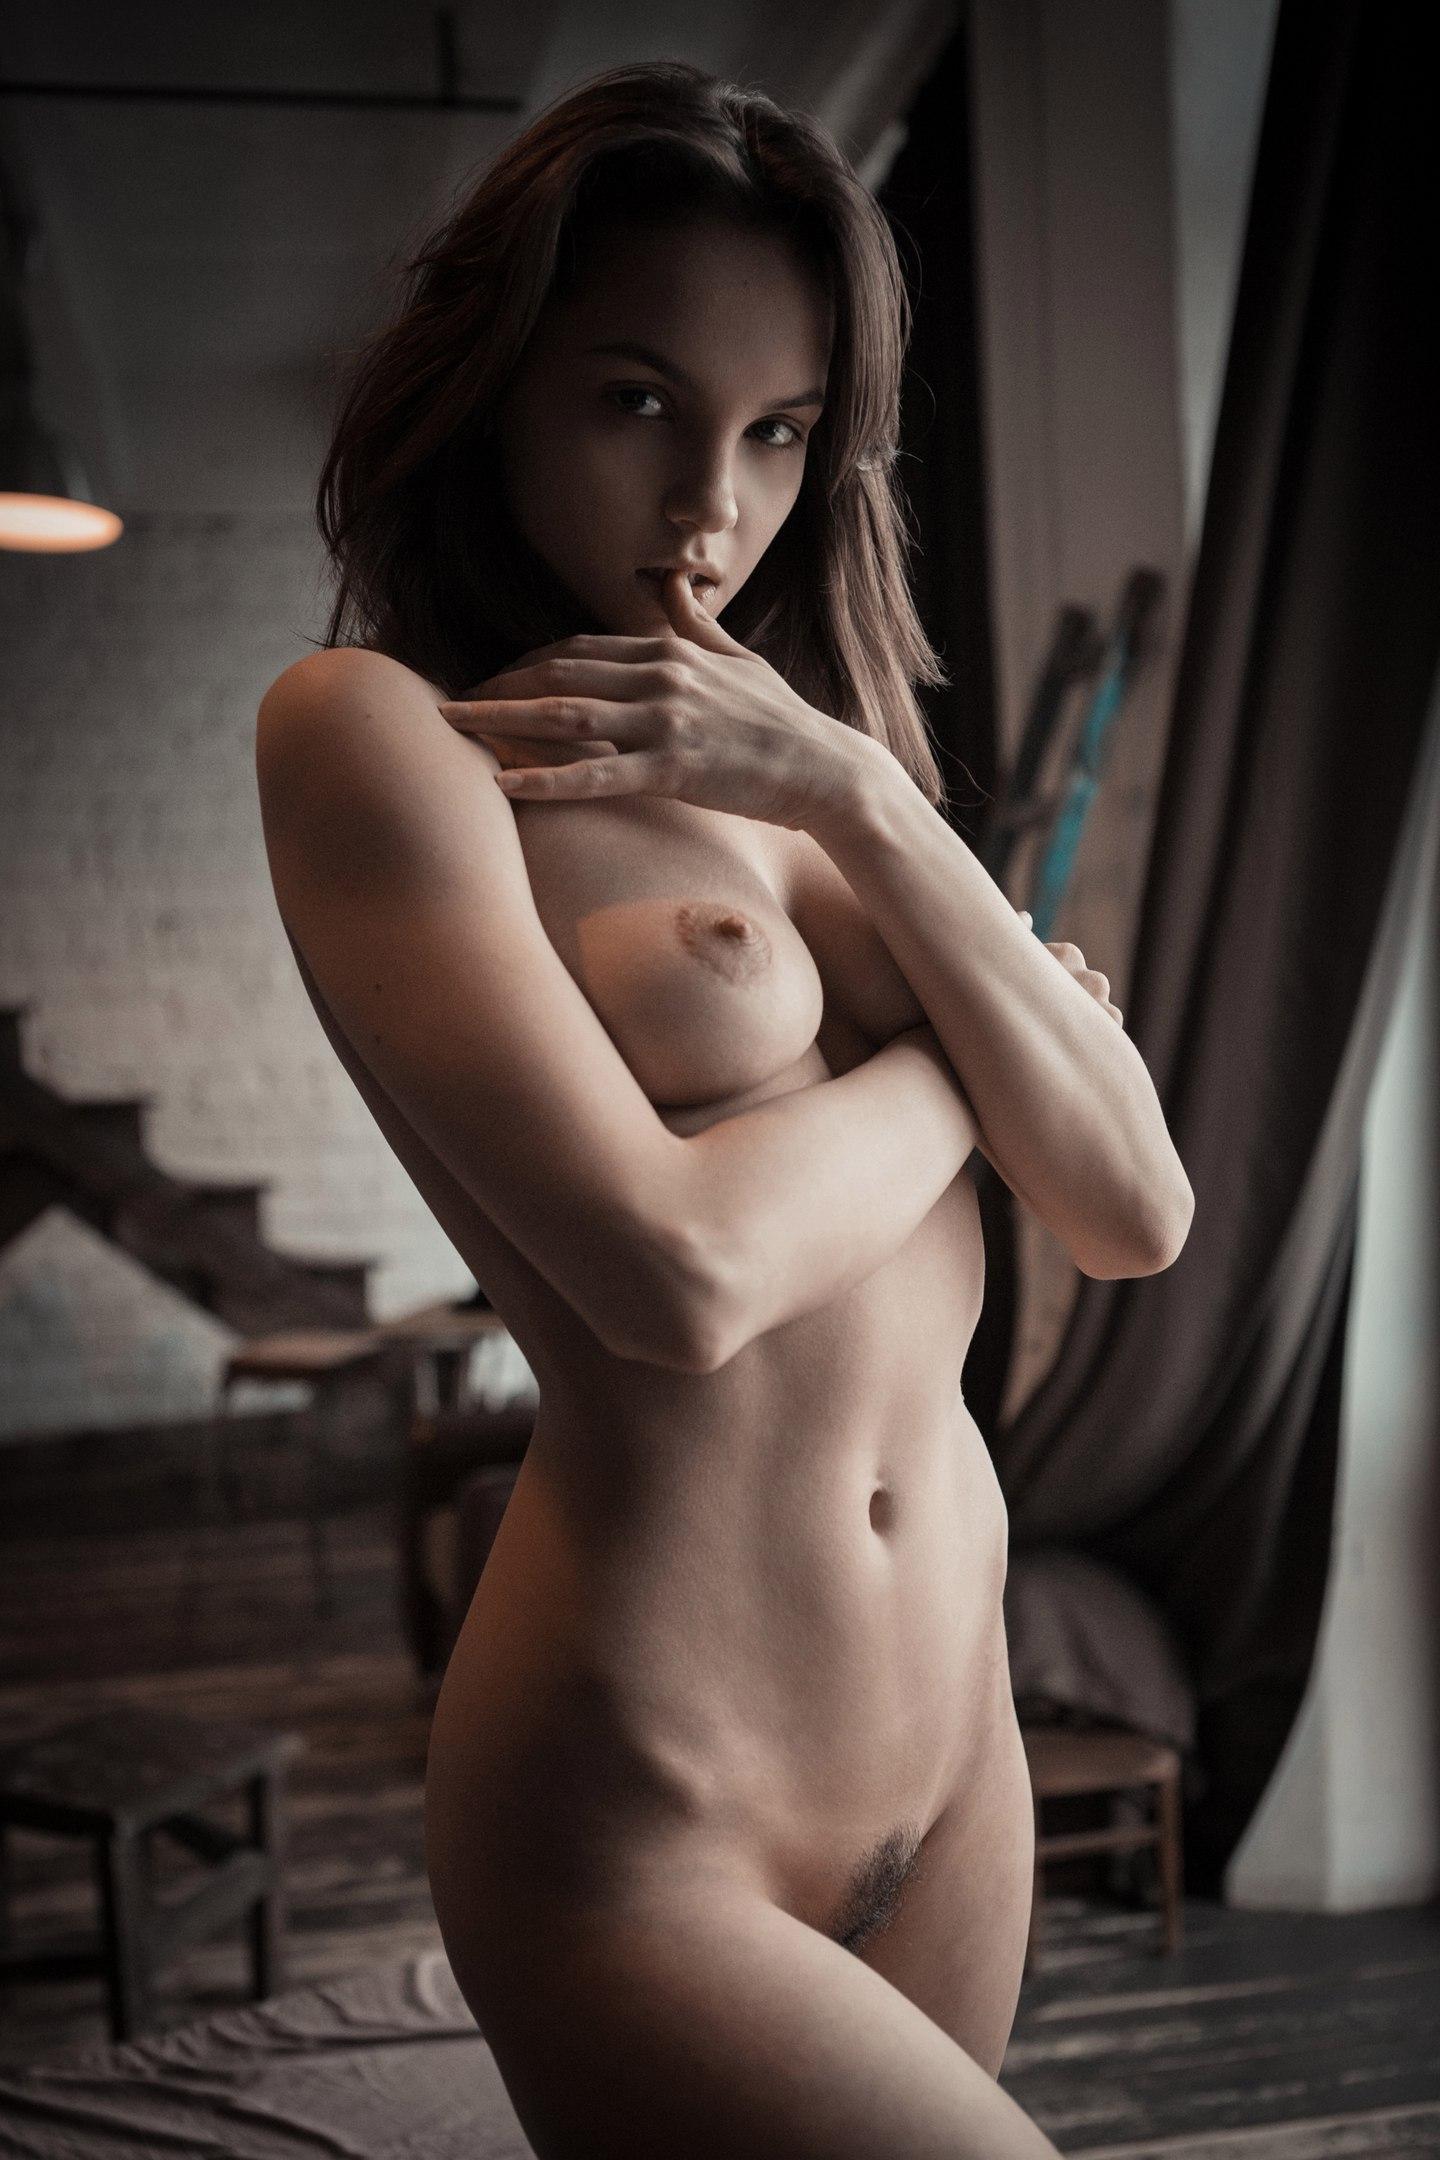 Mary demina nude